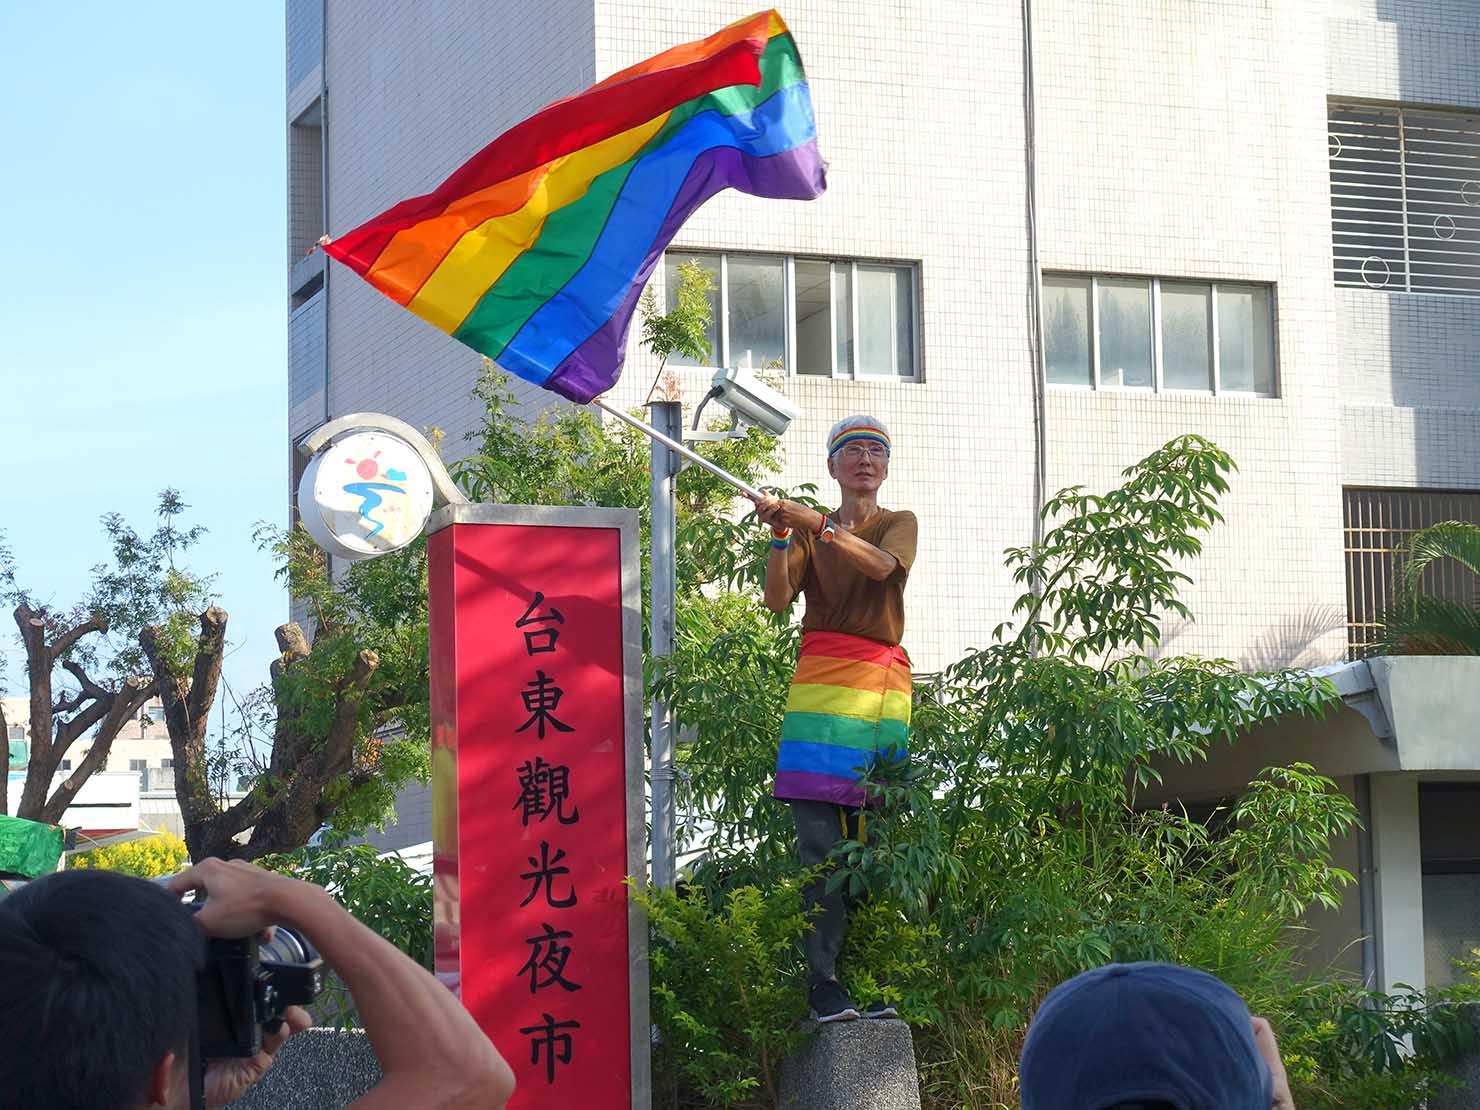 花東彩虹嘉年華(台湾東部LGBTプライド / 台東場)のパレードでレインボーフラッグを振る祁家威氏